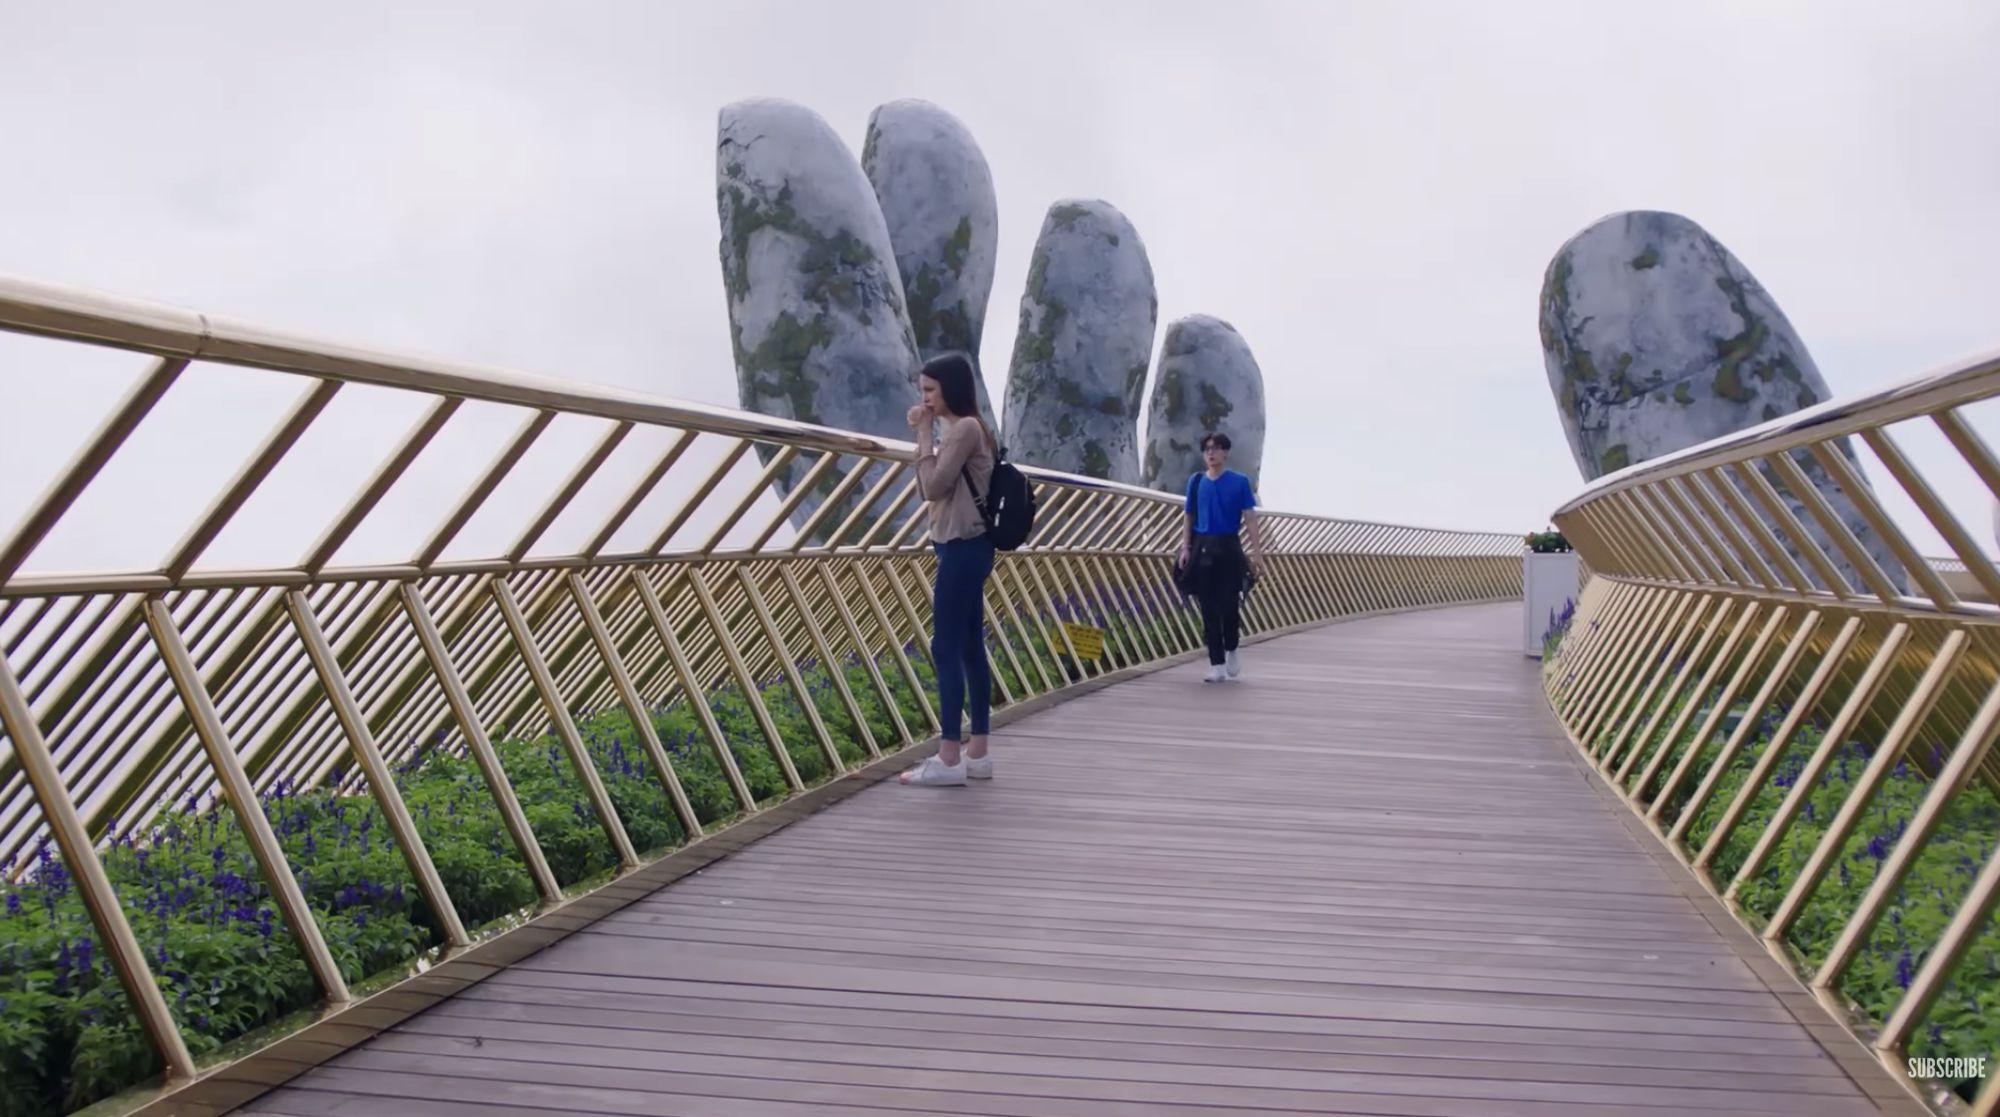 Ngắm loạt ảnh Đà Nẵng - Hội An đẹp ngỡ ngàng trong phim Wolf Thái Lan (1)